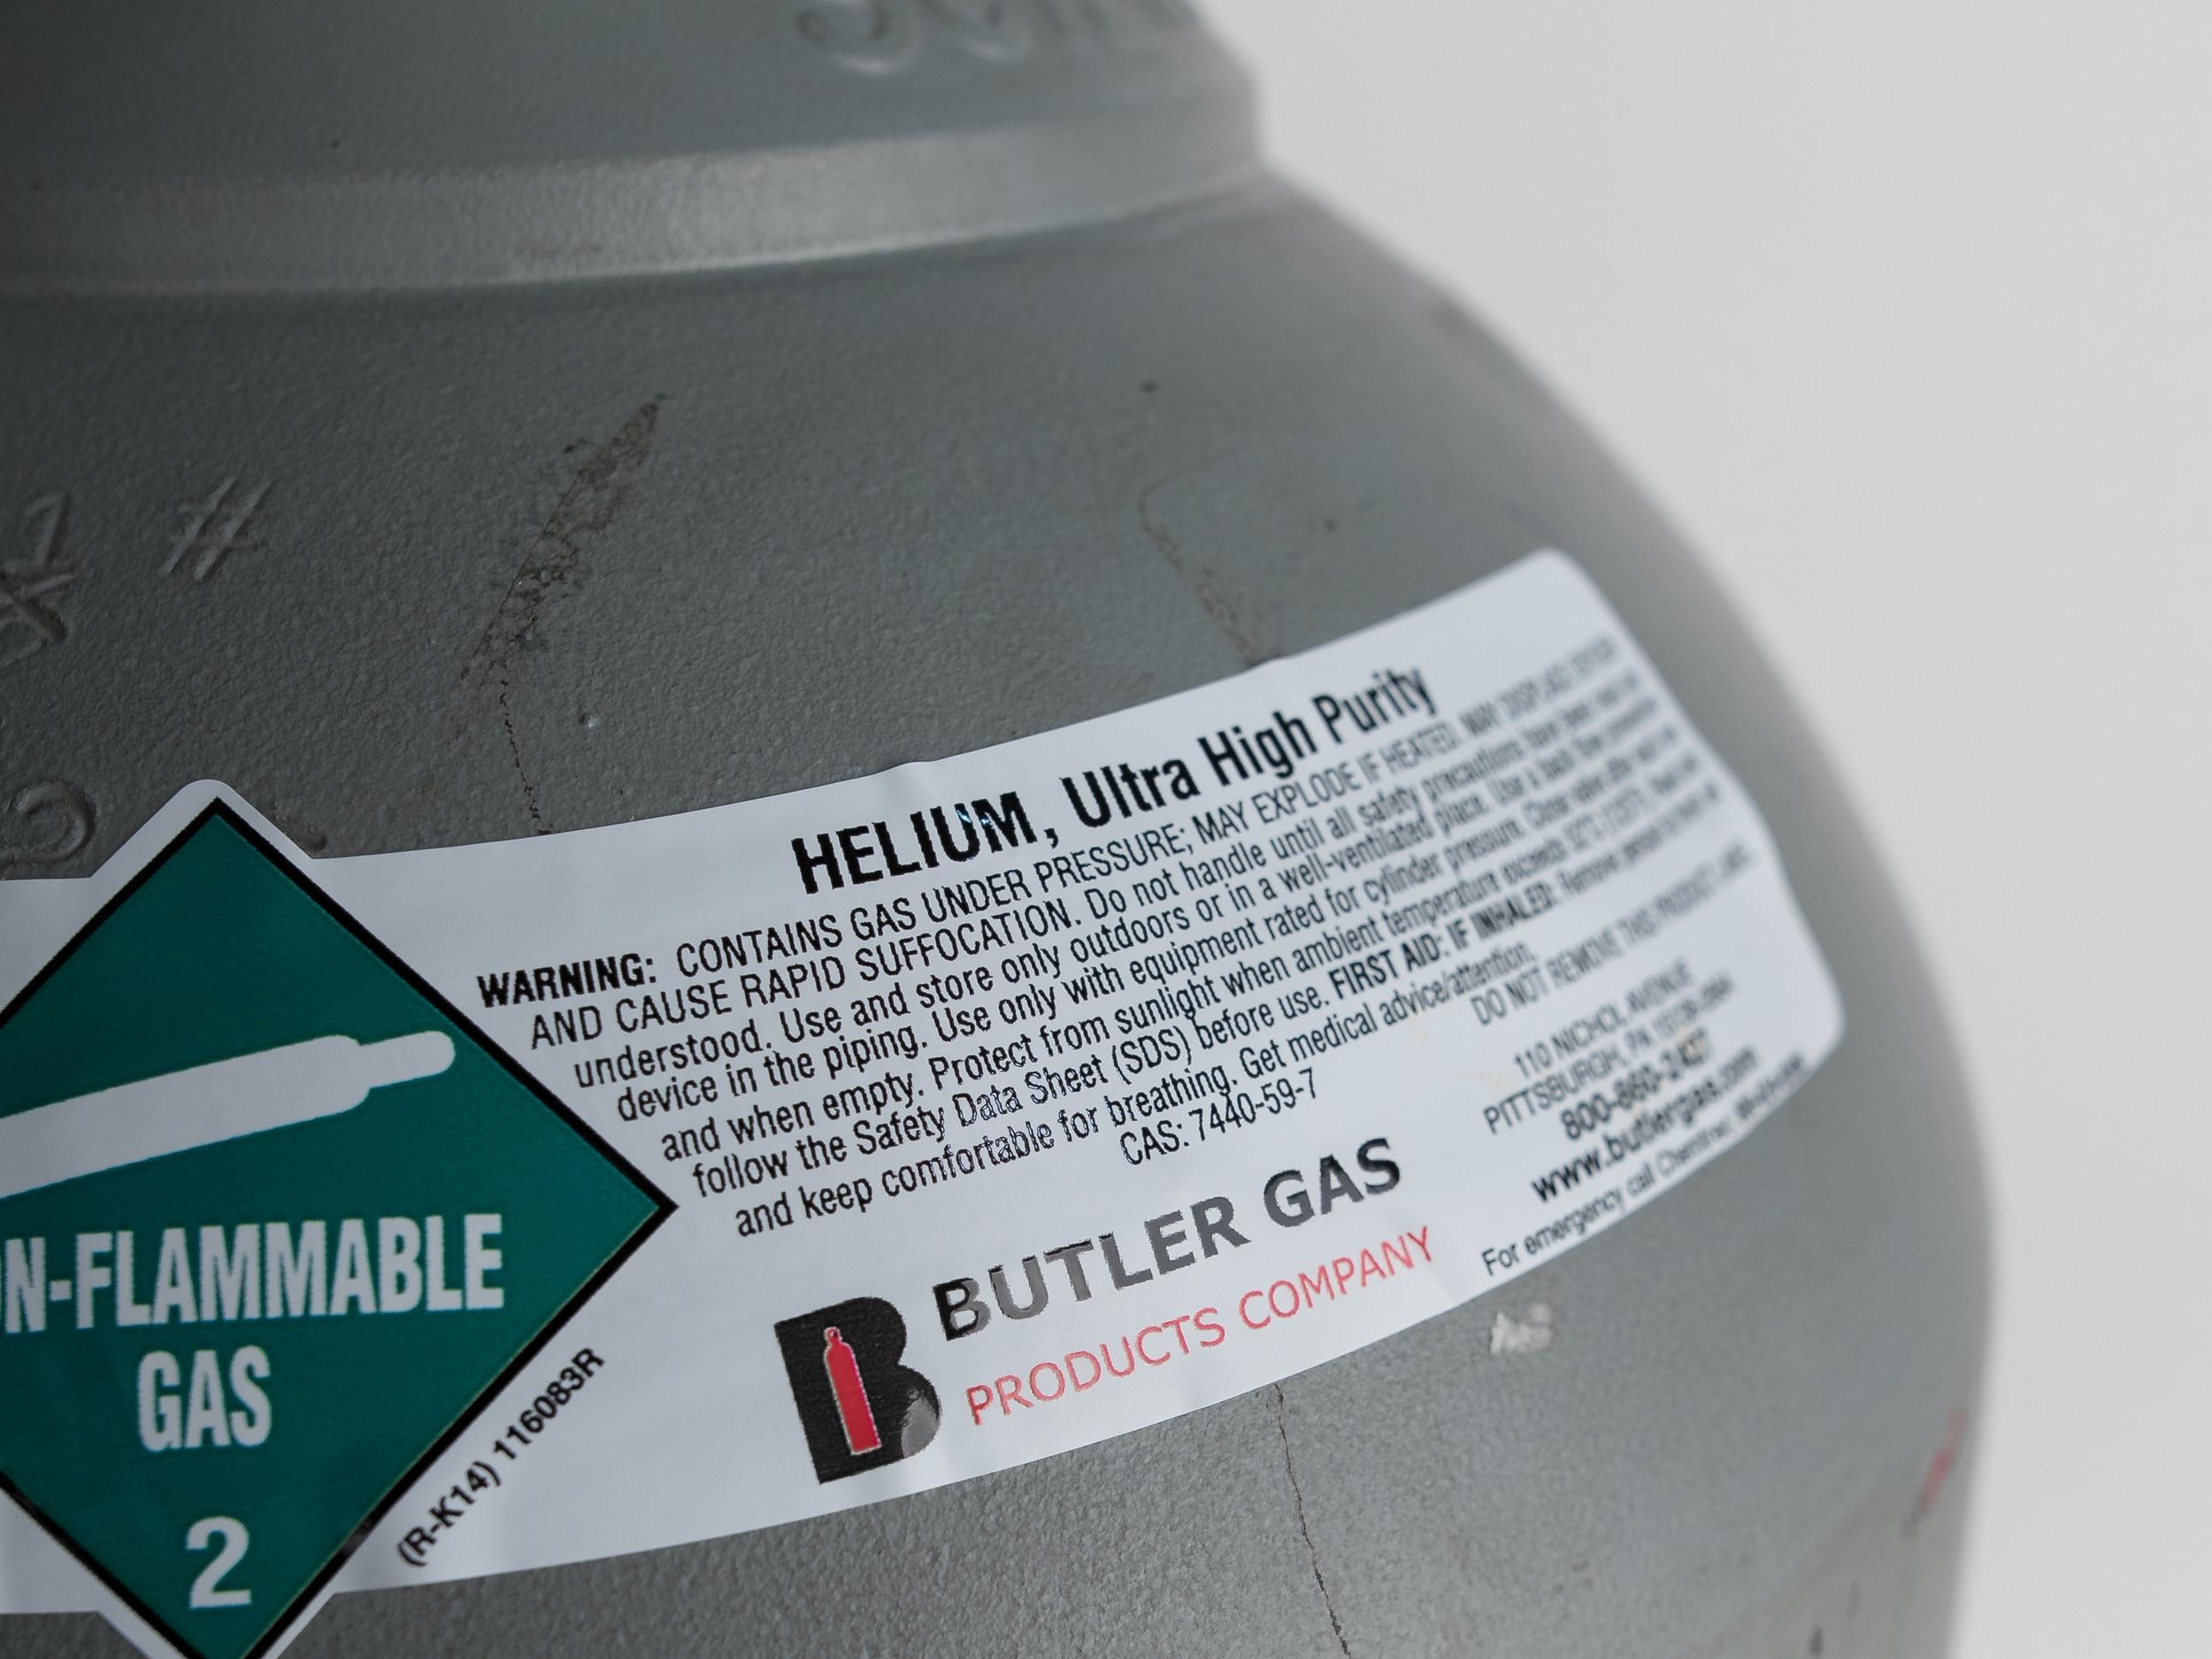 SHOULDER LABELS   Cylinder labels, warning labels, body labels, instructional labels, custom decals, safety labels, and more.